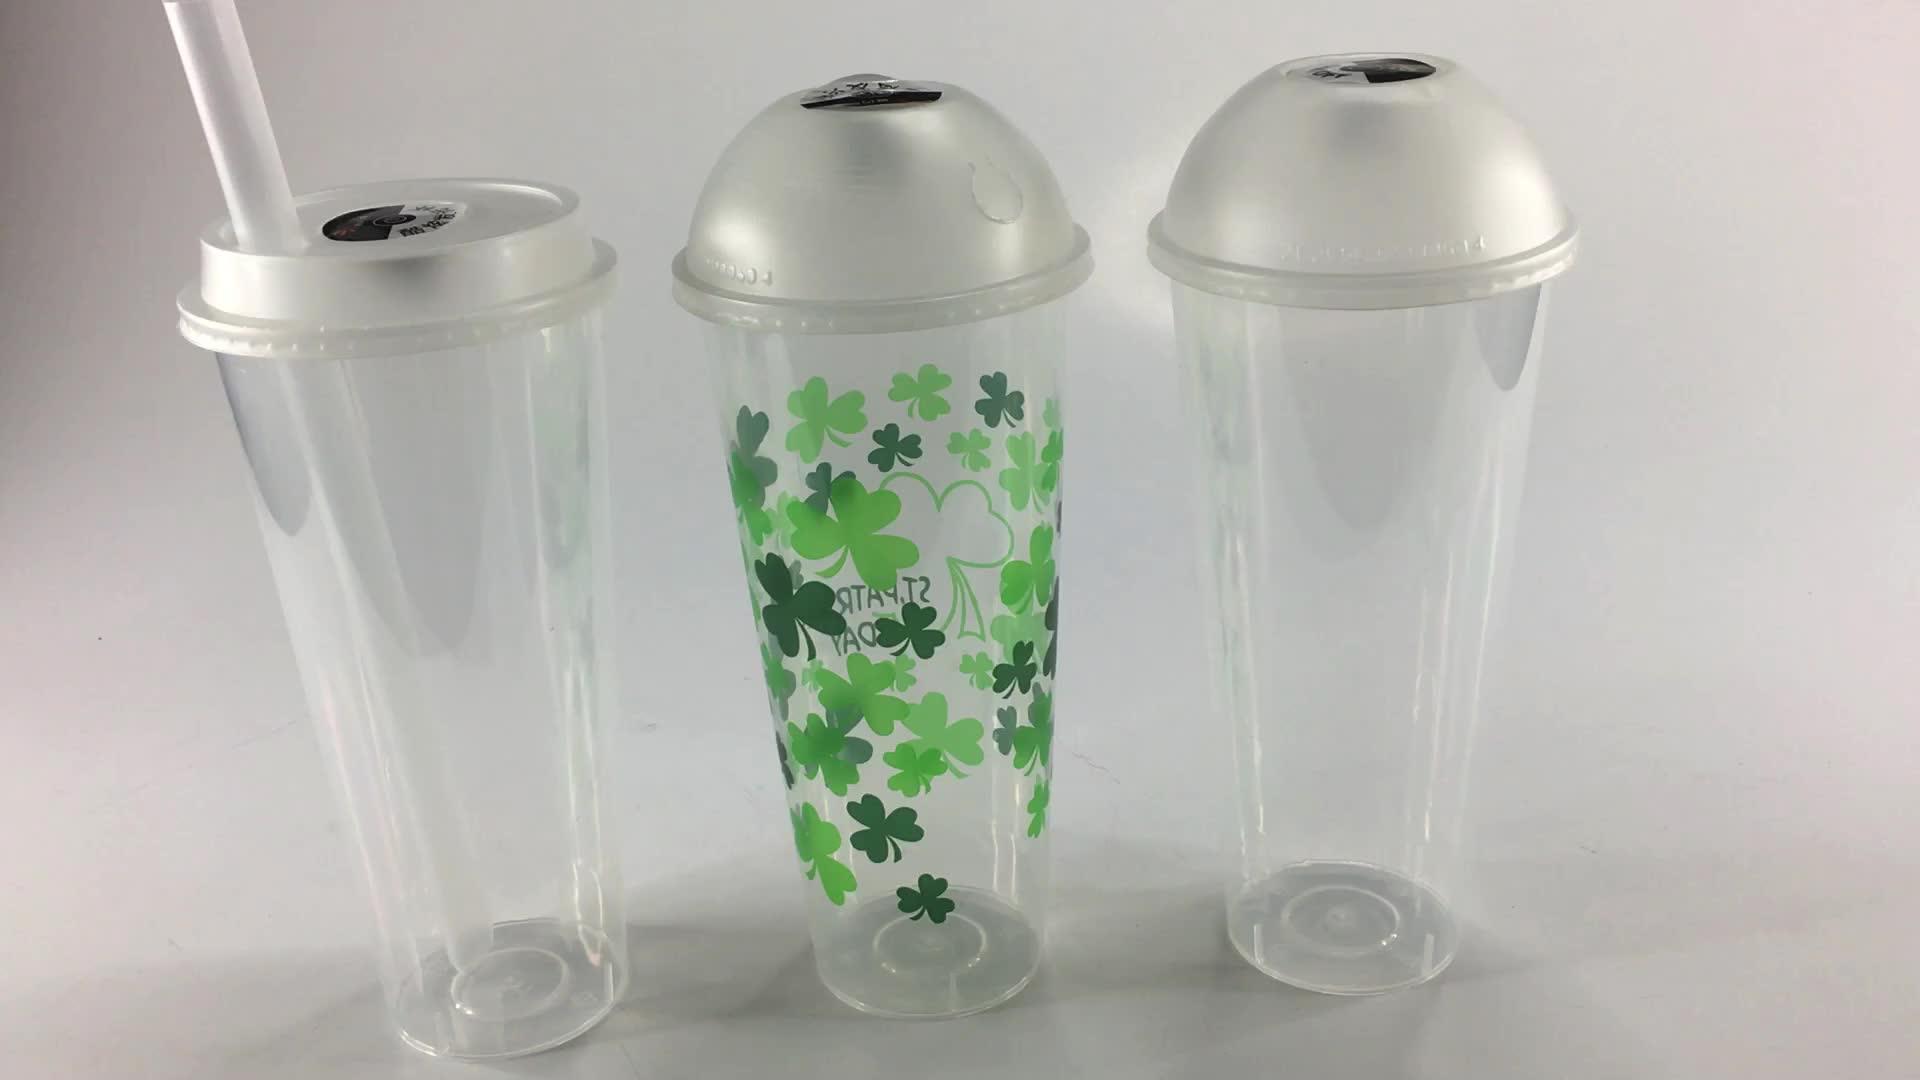 Personalisierte kunststoff LED licht stroh tumbler nach werbung tasse becher mit stroh